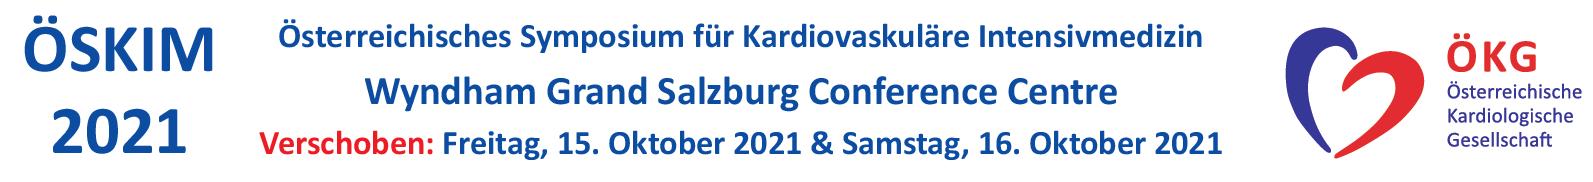 Österreichisches Symposium für Kardiovaskuläre Intensivmedizin 2021